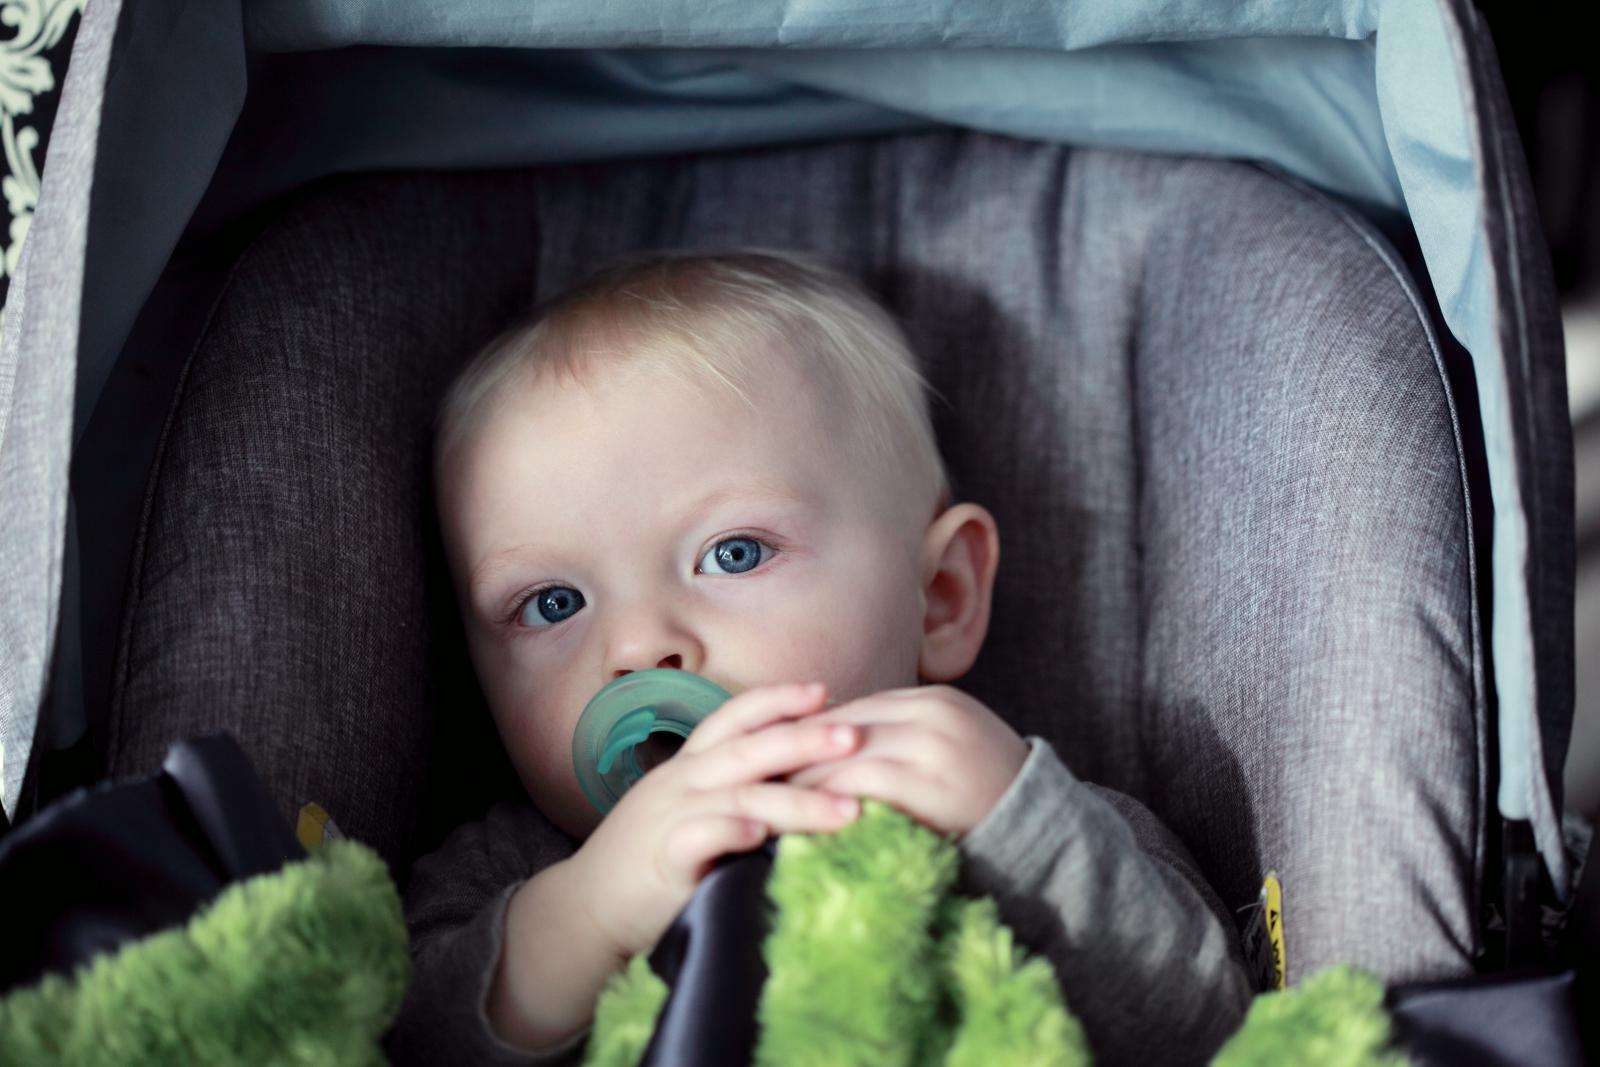 【汽車專知】兒童安全座椅怎麼選?怎麼擺放比較安全?